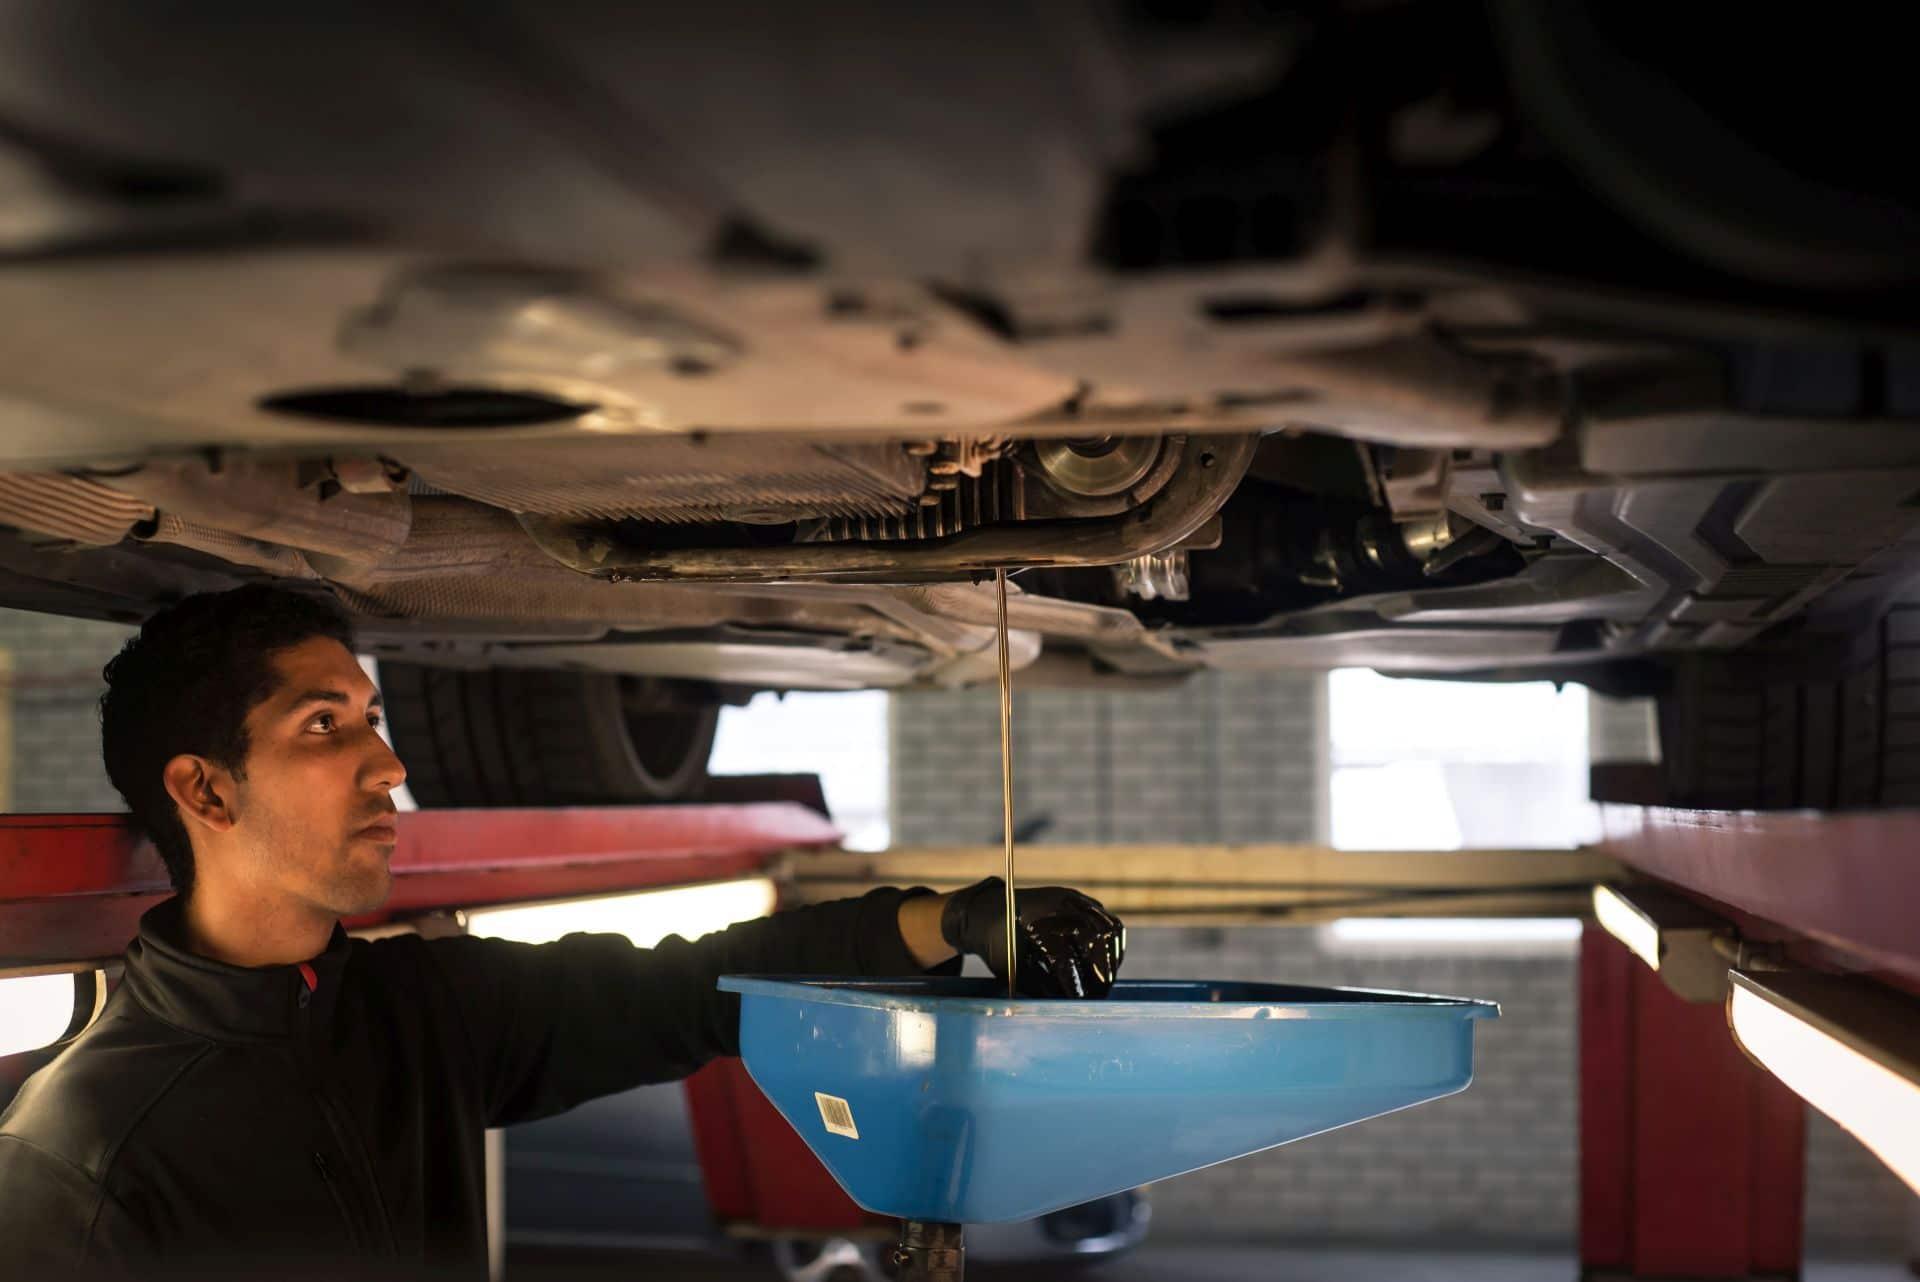 Bespaar op onderhoud en reparatiekosten van je auto